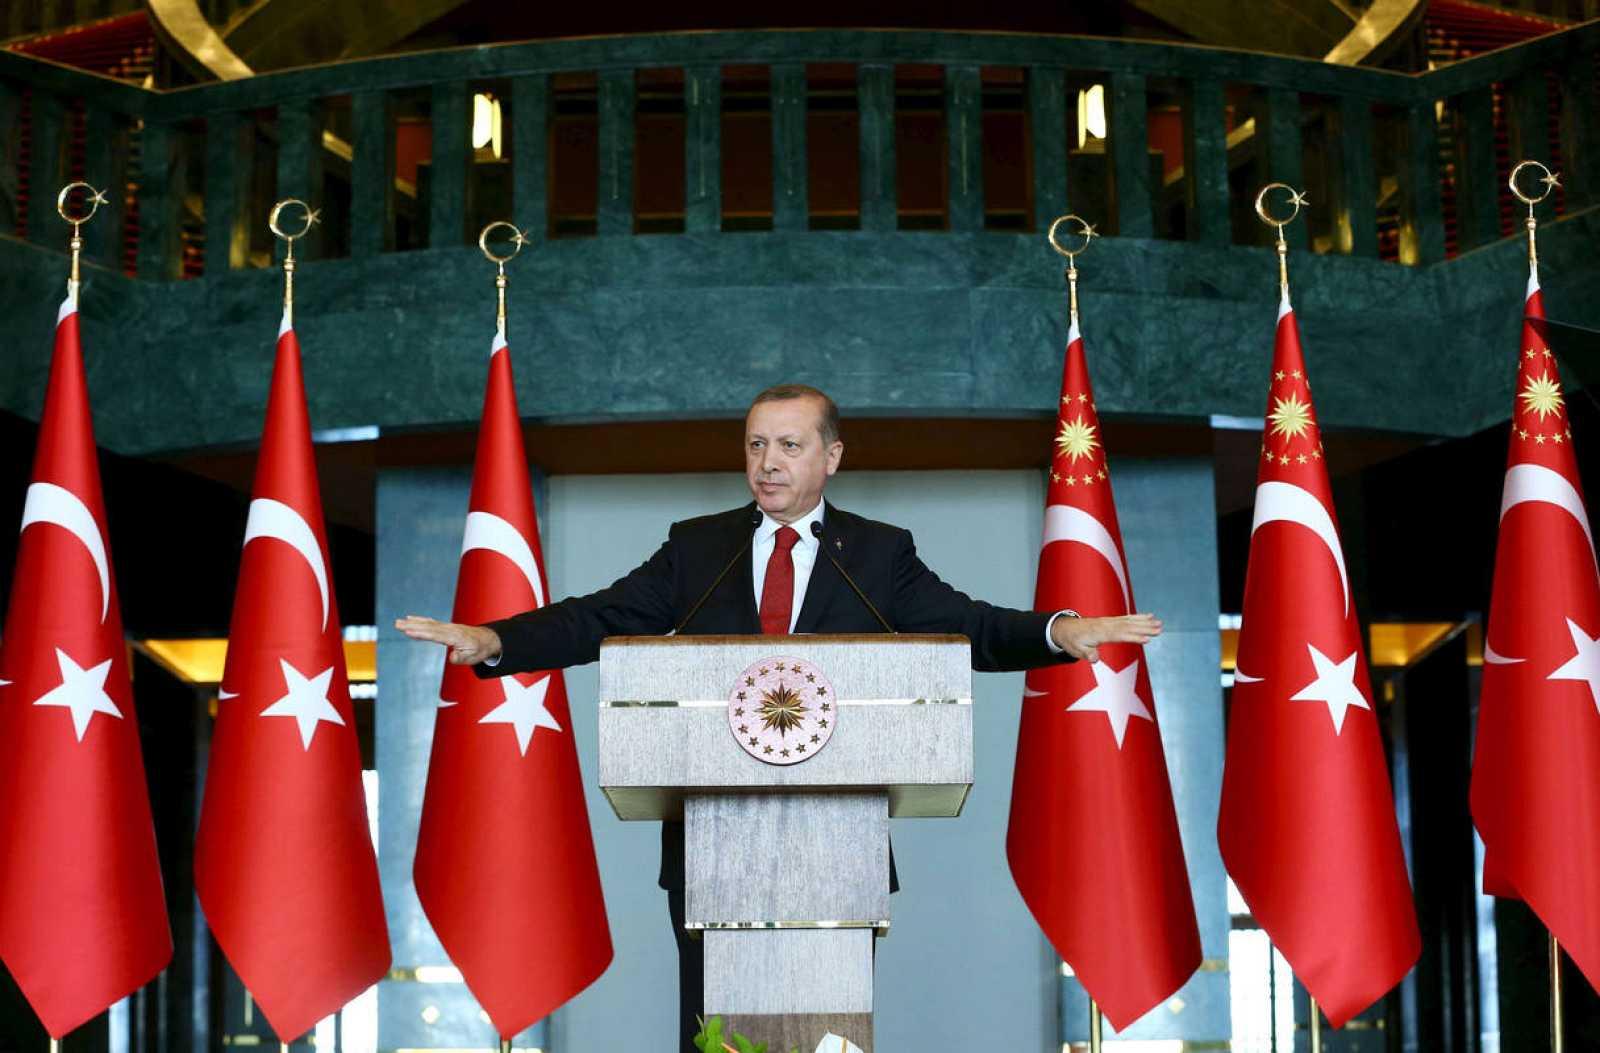 El presidente turco, Recep Tayyip Erdogan, en su comparecencia tras el atentado en el centro de Estambul